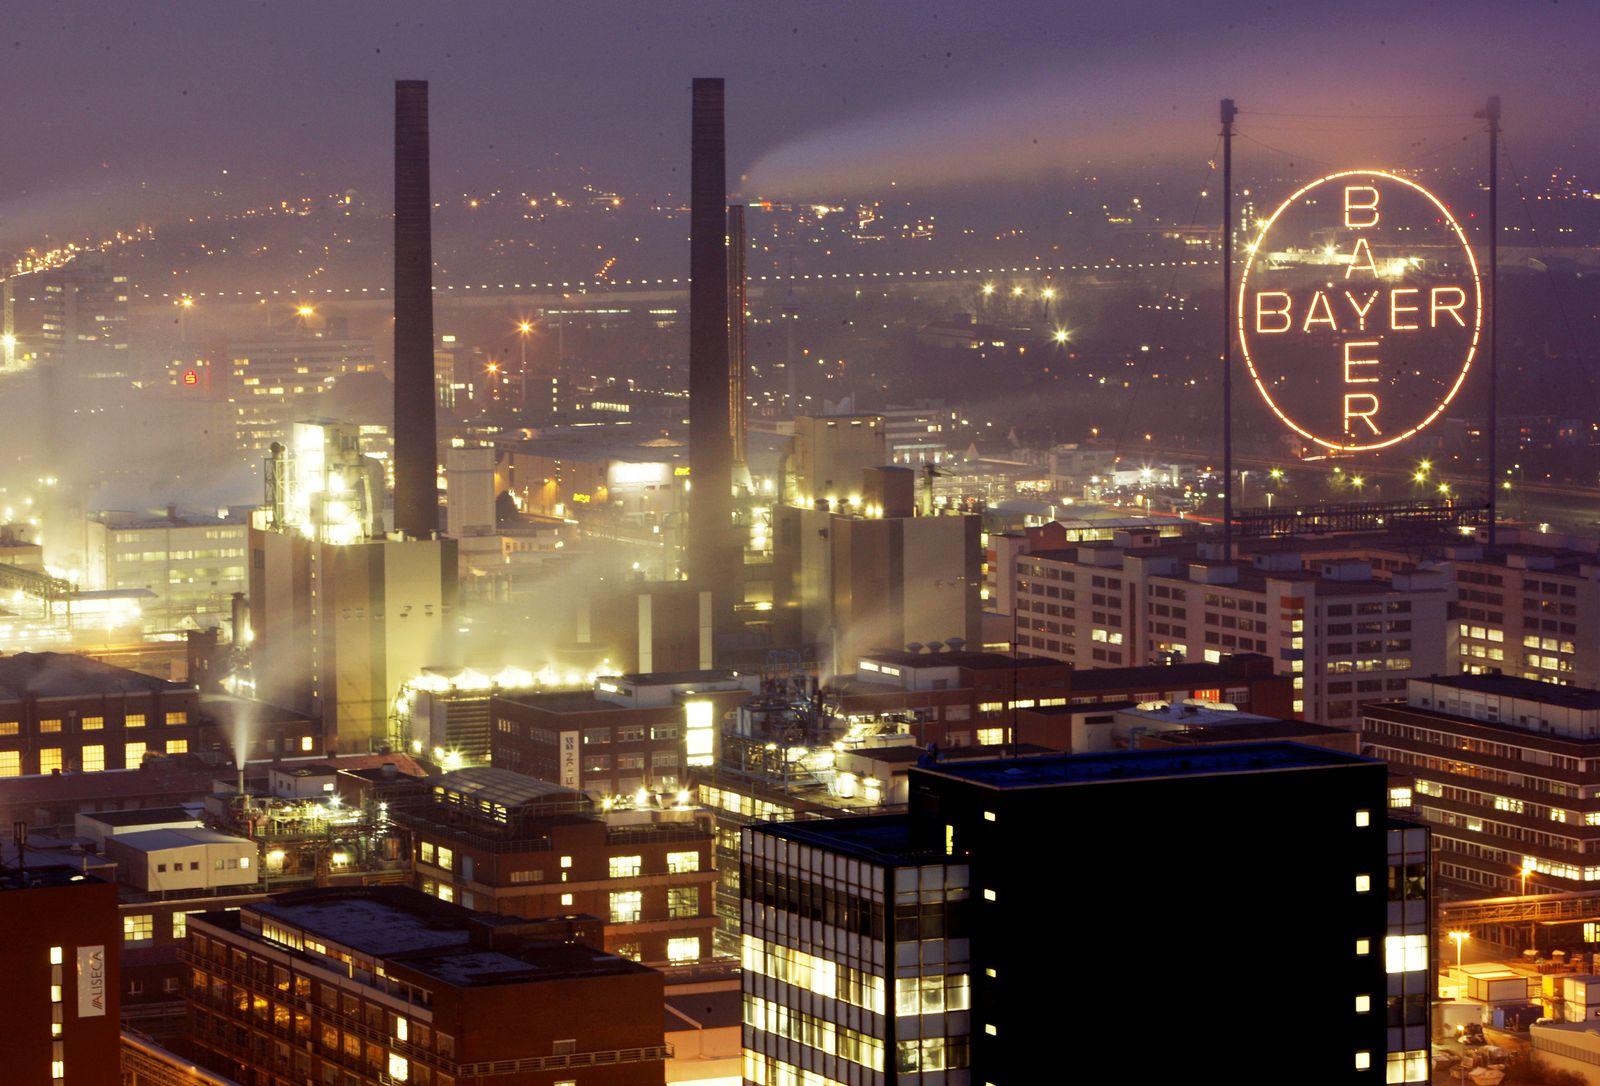 Bayer / Chemiepark Leverkusen